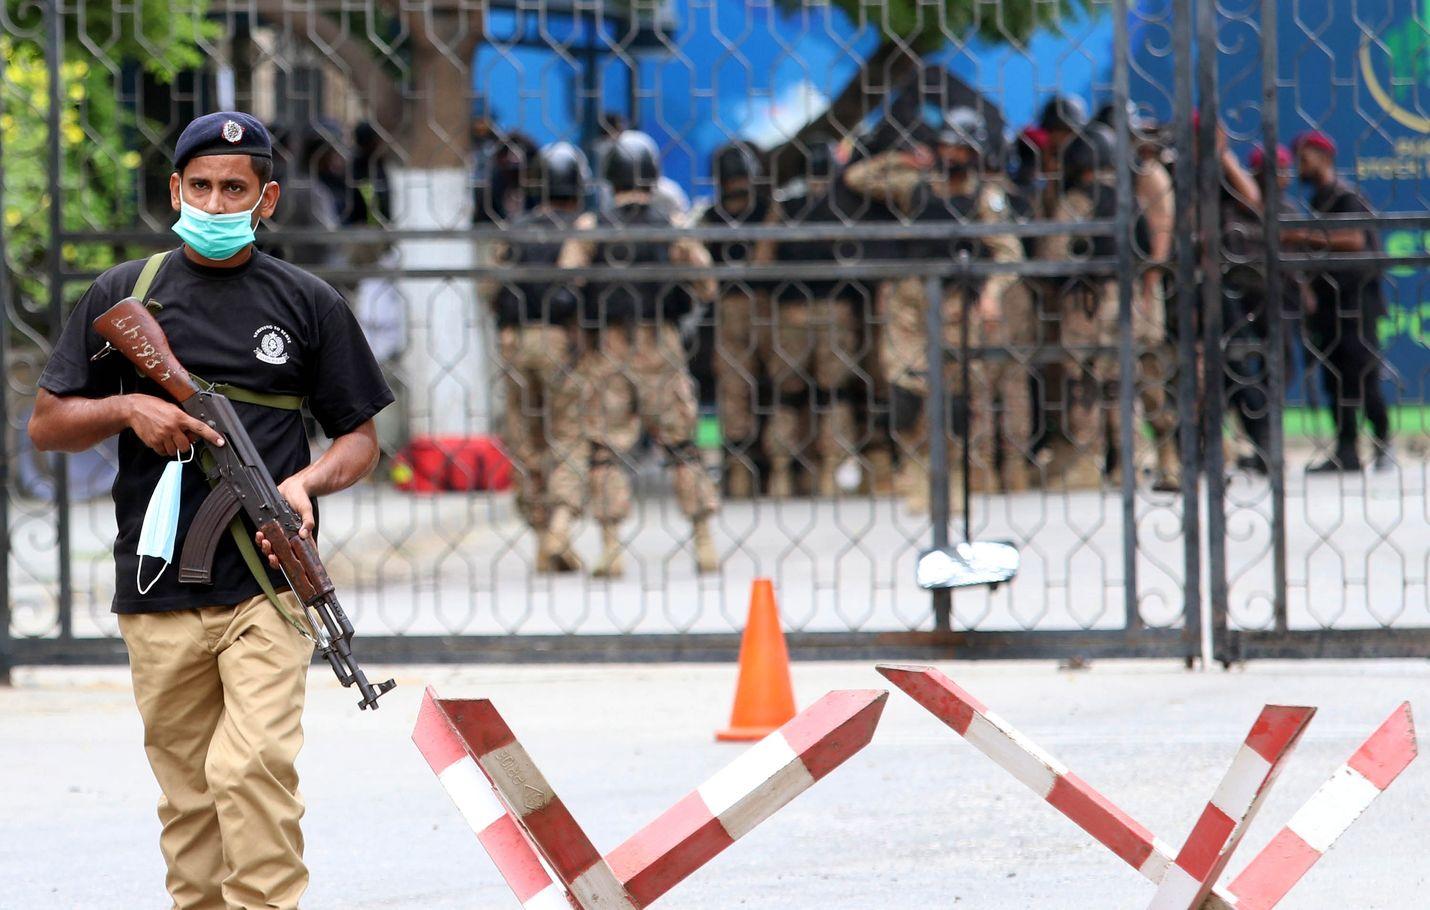 Karachin pörssiin tehtiin isku maanantaina. Iskussa kuoli yhteensä kuusi ihmistä.